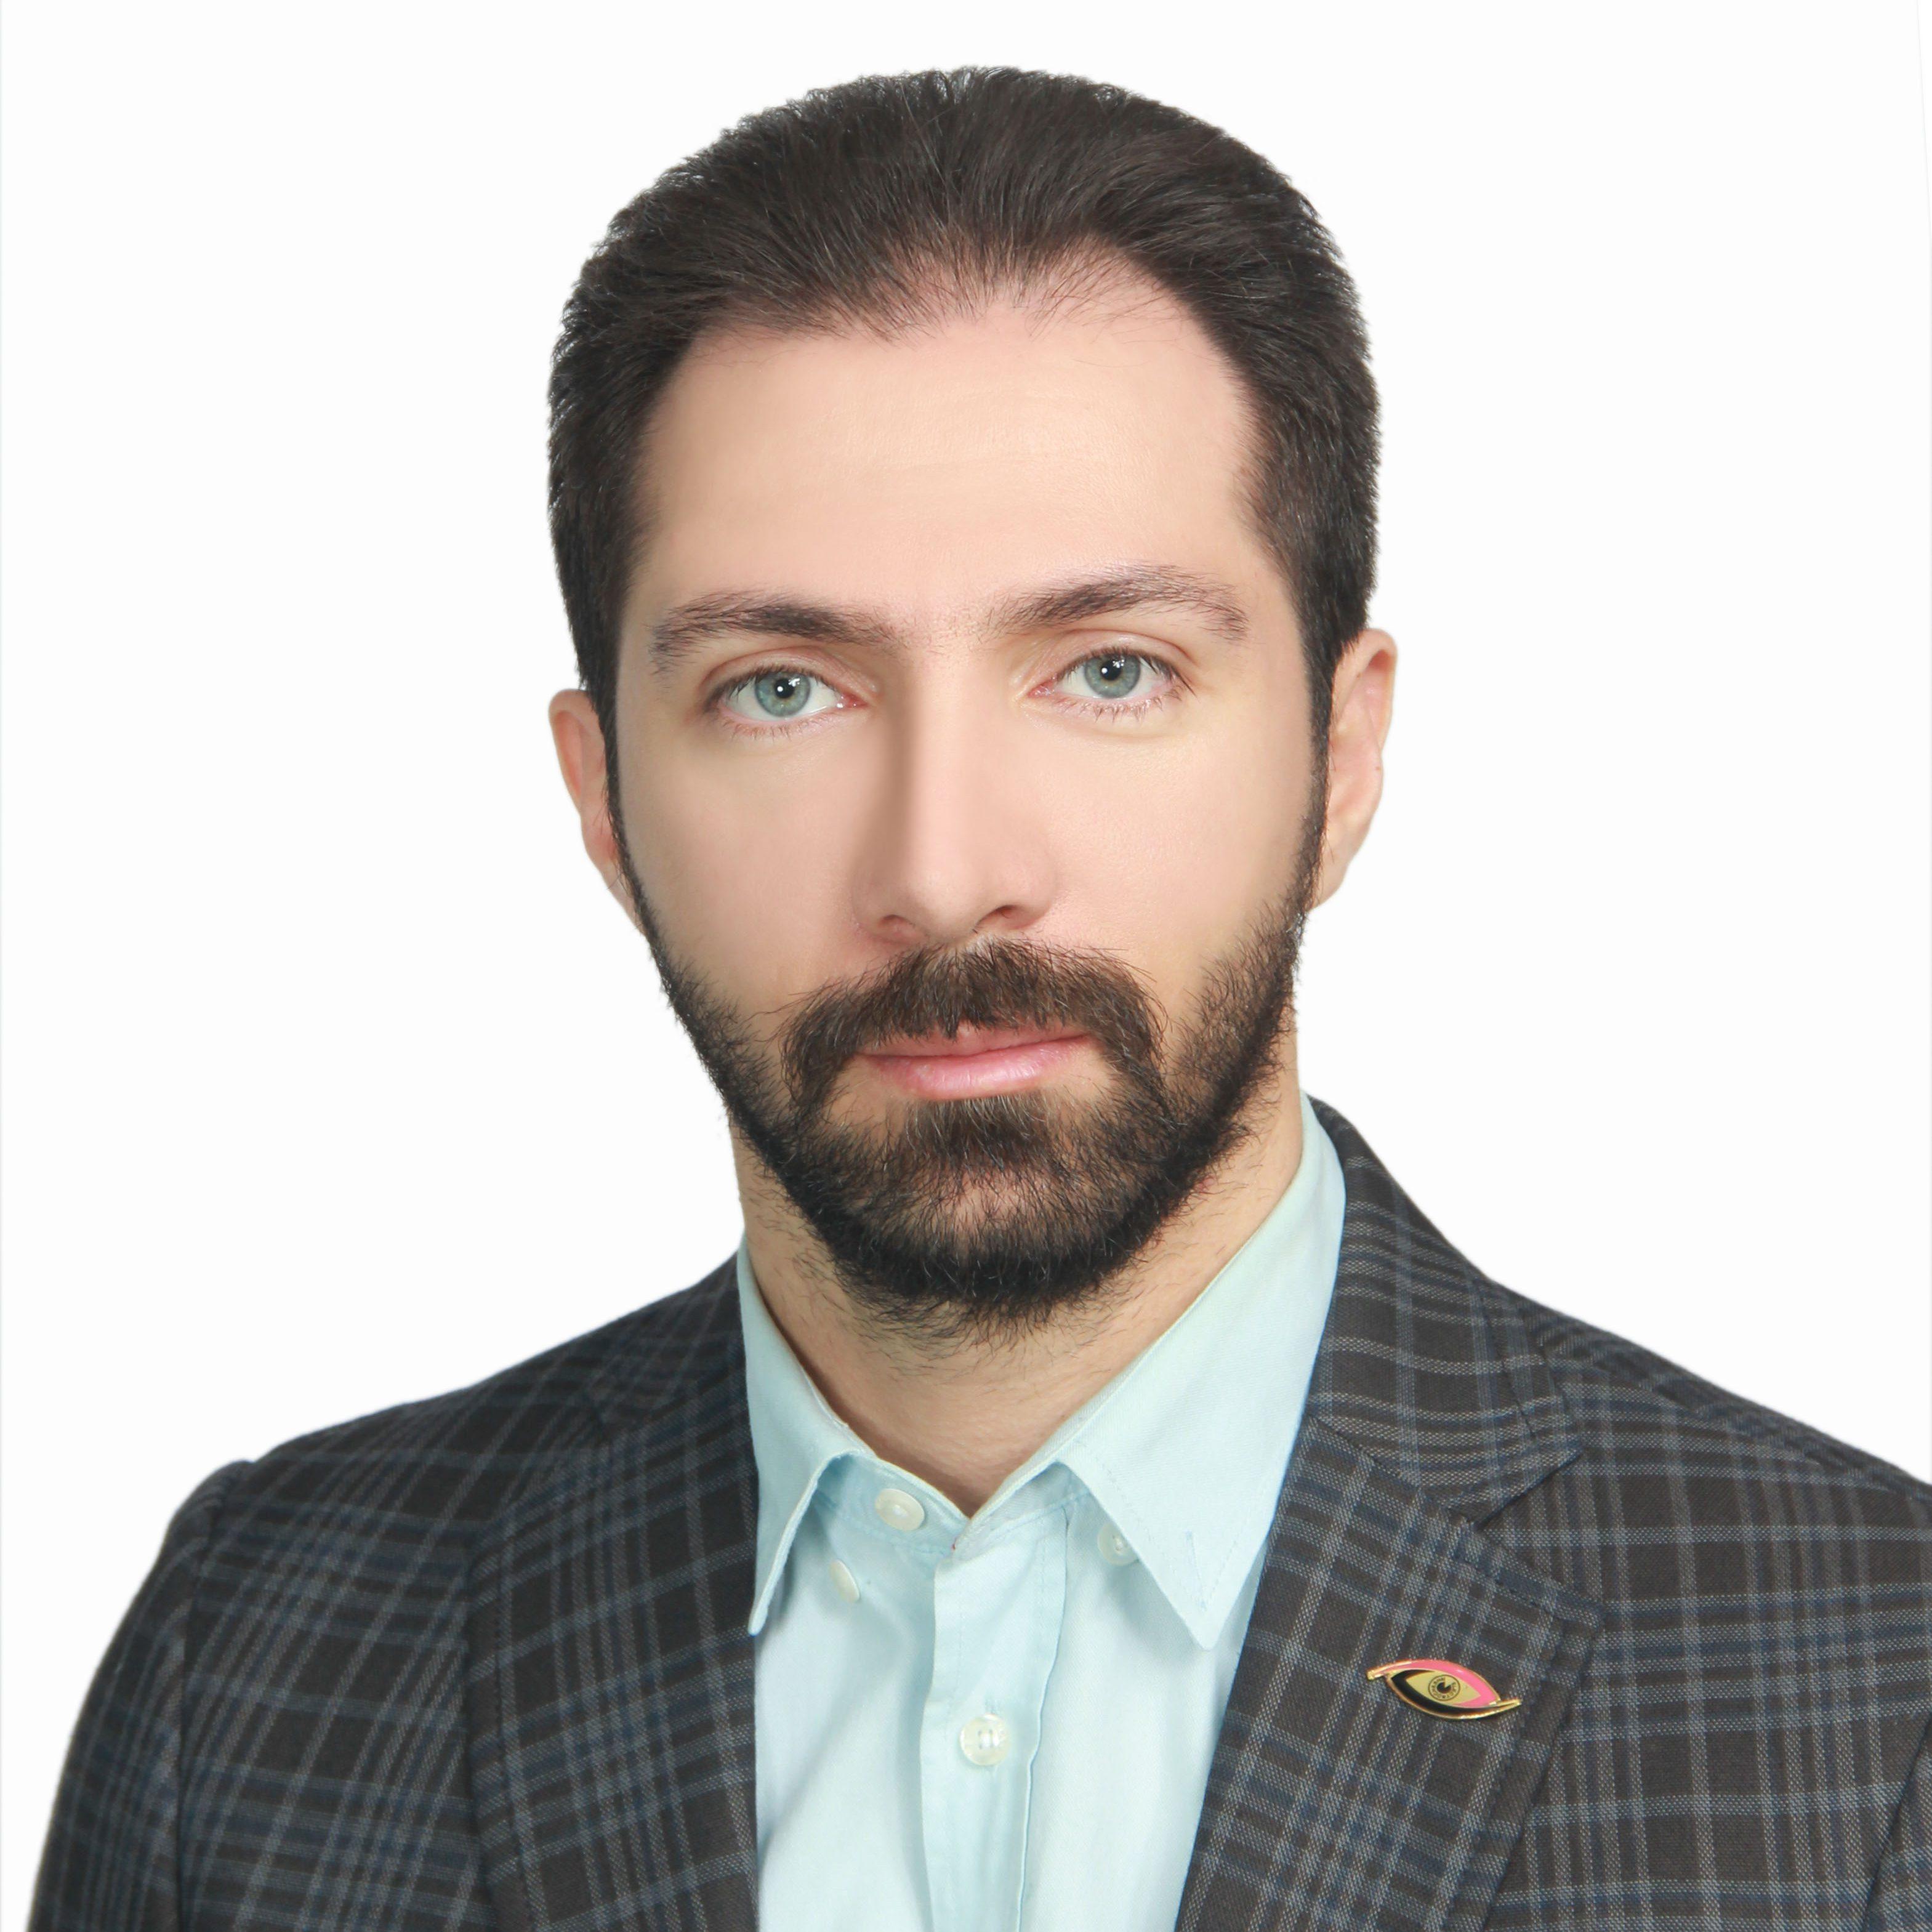 حمید شفیعی | Hamid Mohammad Shafiei